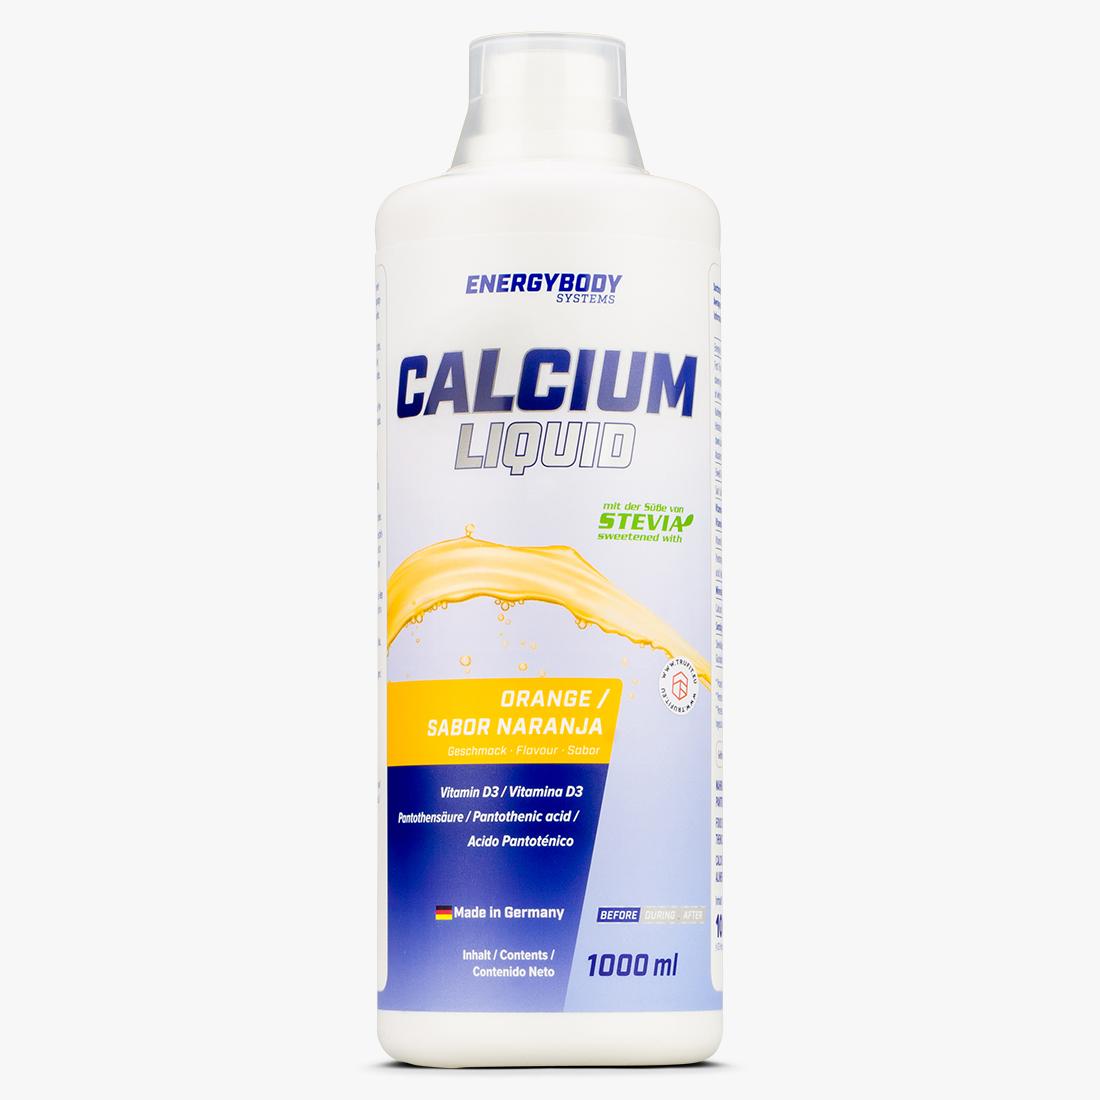 EnergyBody - Calcium Liquid